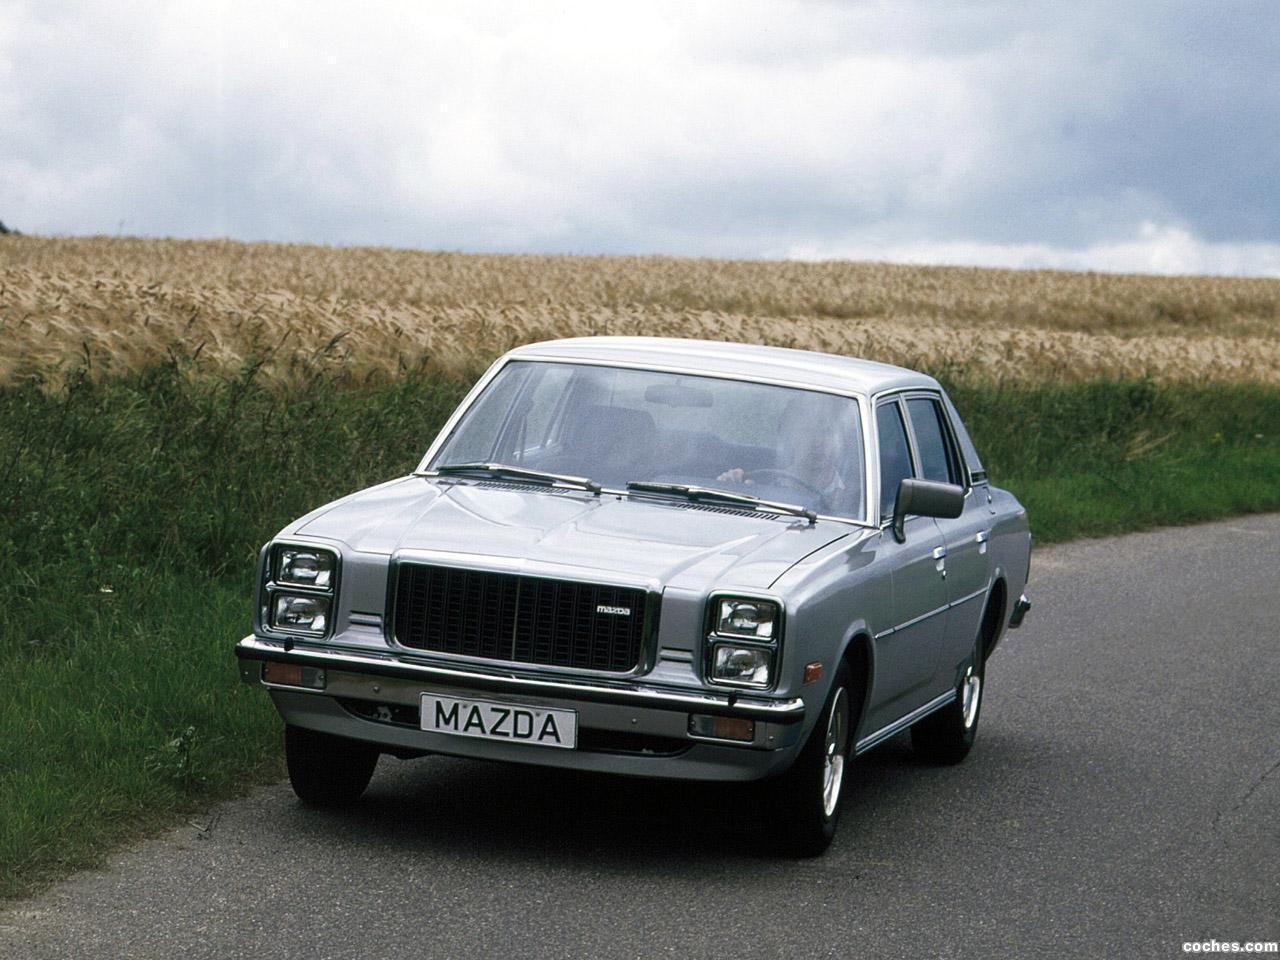 Foto 0 de Mazda 929 L 1978